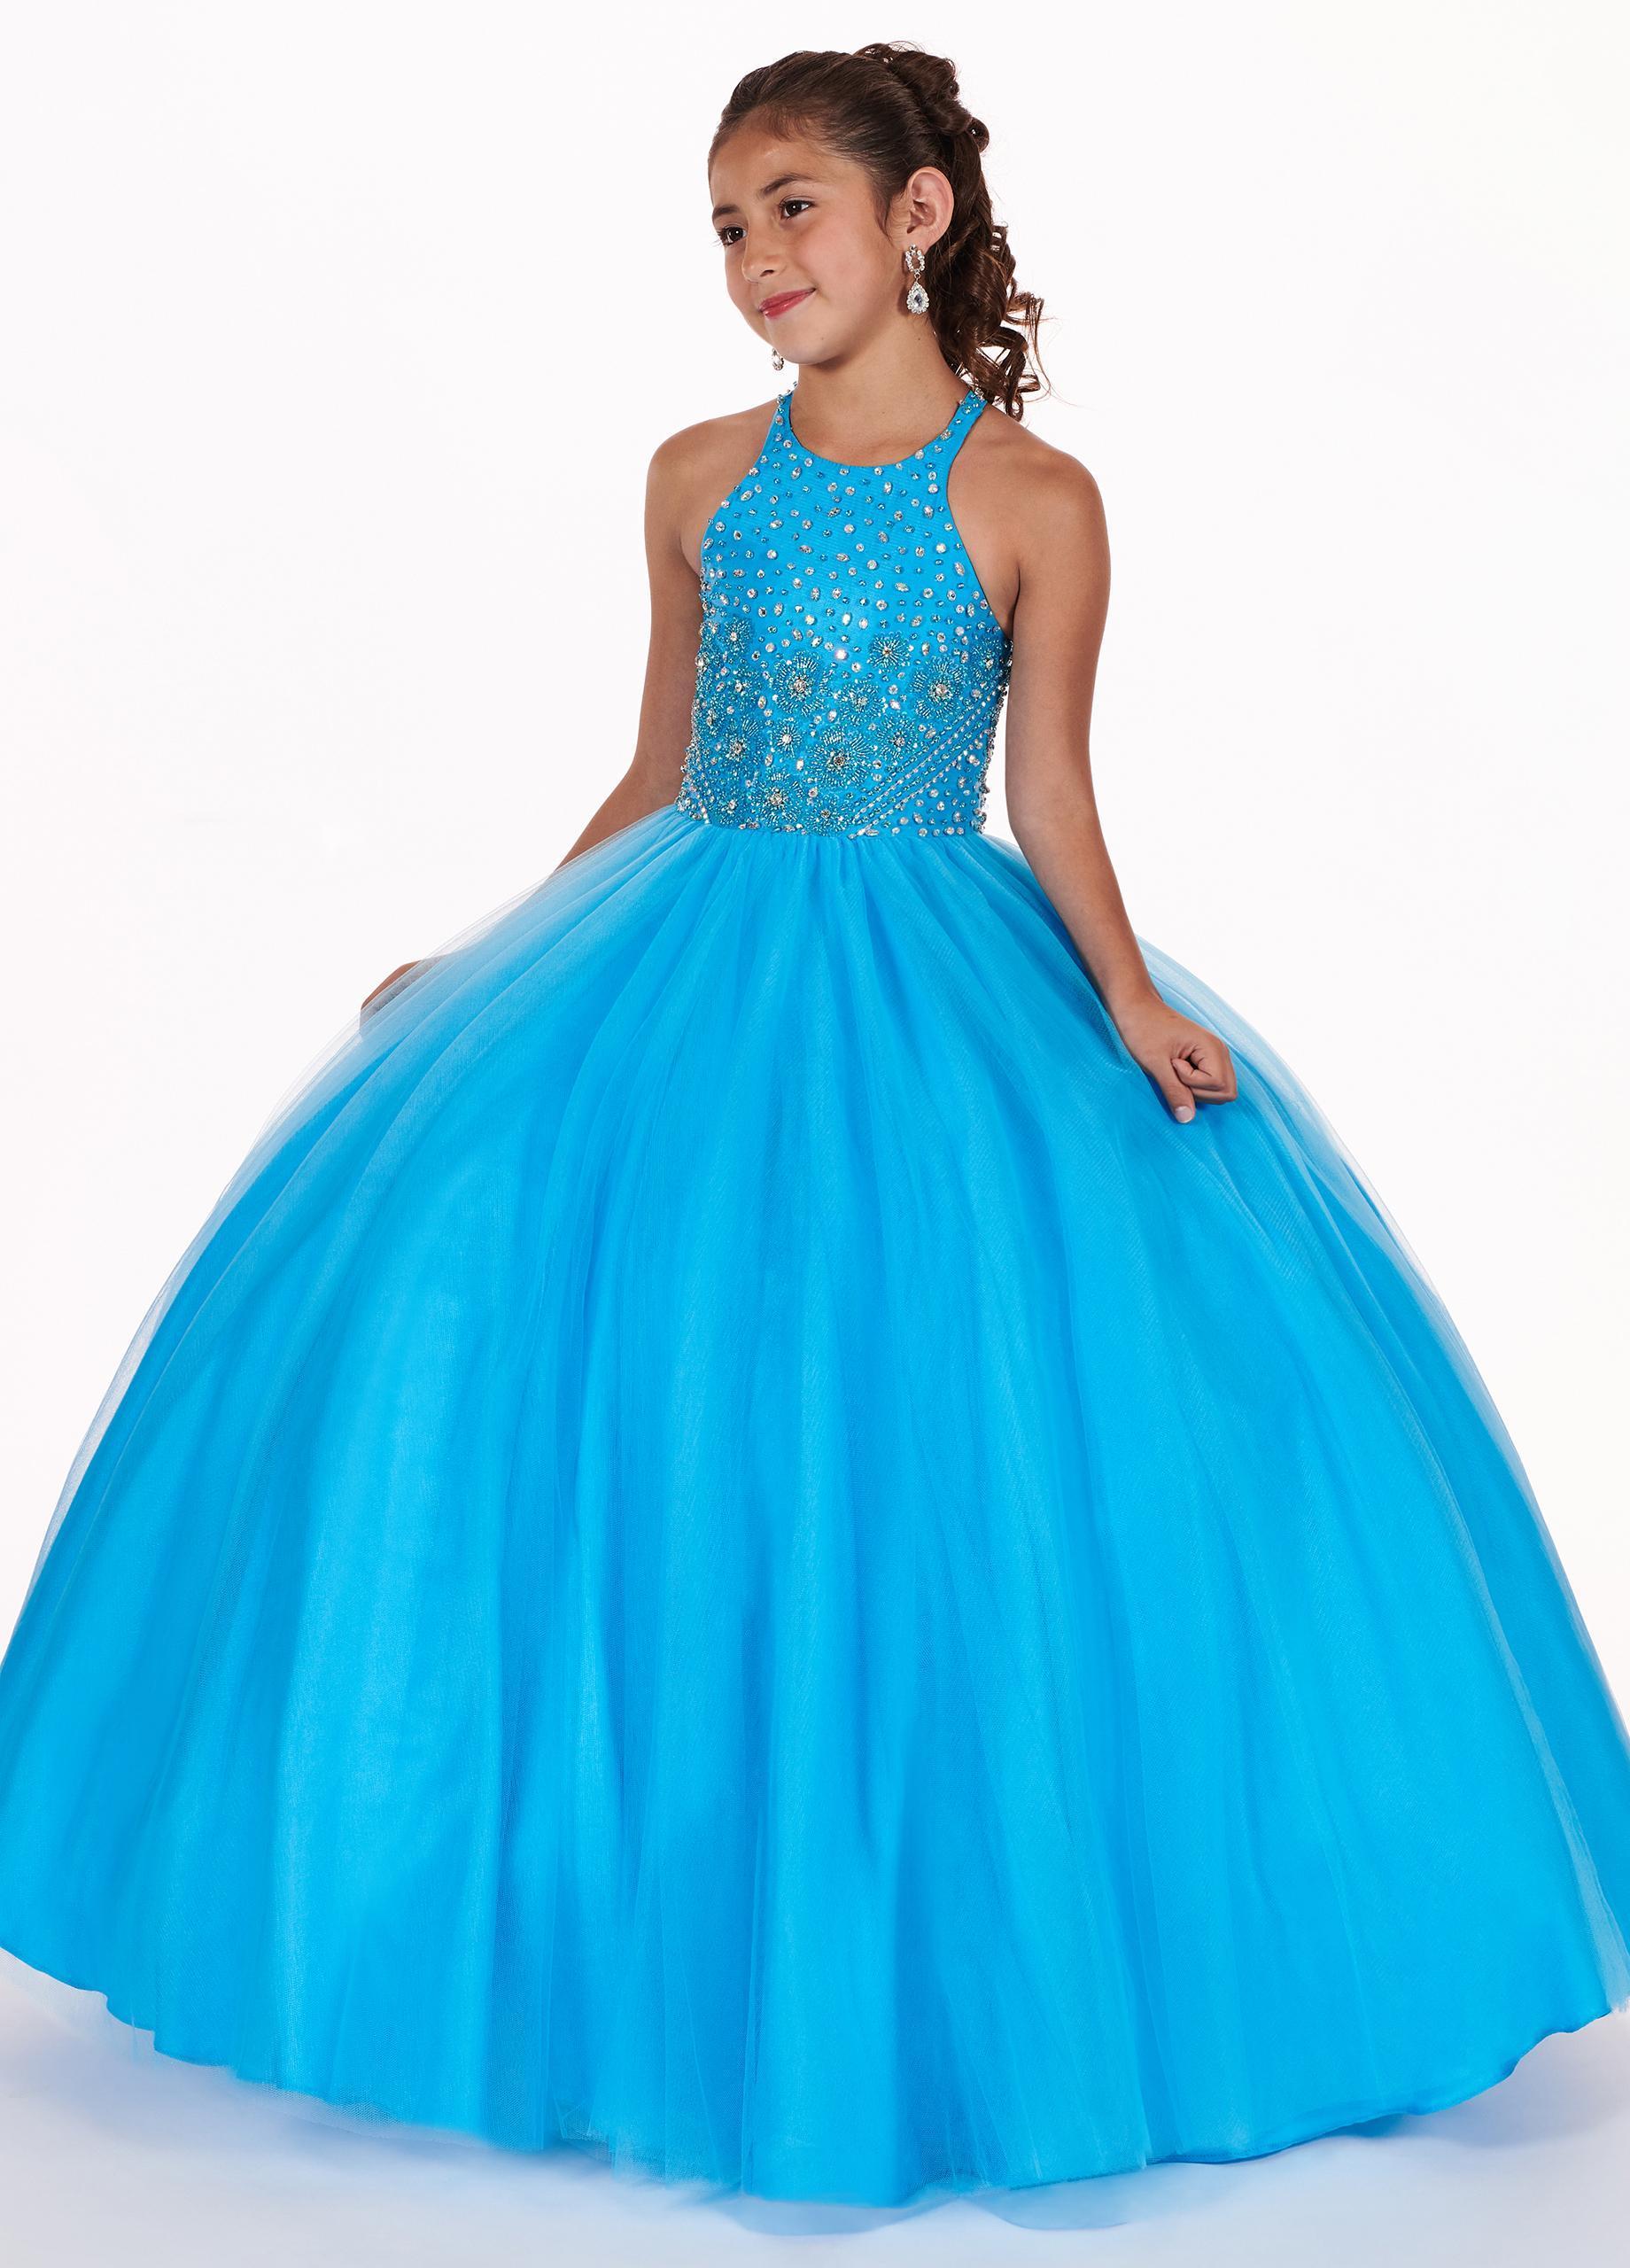 Halter Azul partido del desfile de los vestidos de las niñas cumpleaños de la danza de las lentejuelas Vestidos Crystal chica vestido de comunión formales vestidos de las muchachas de flor